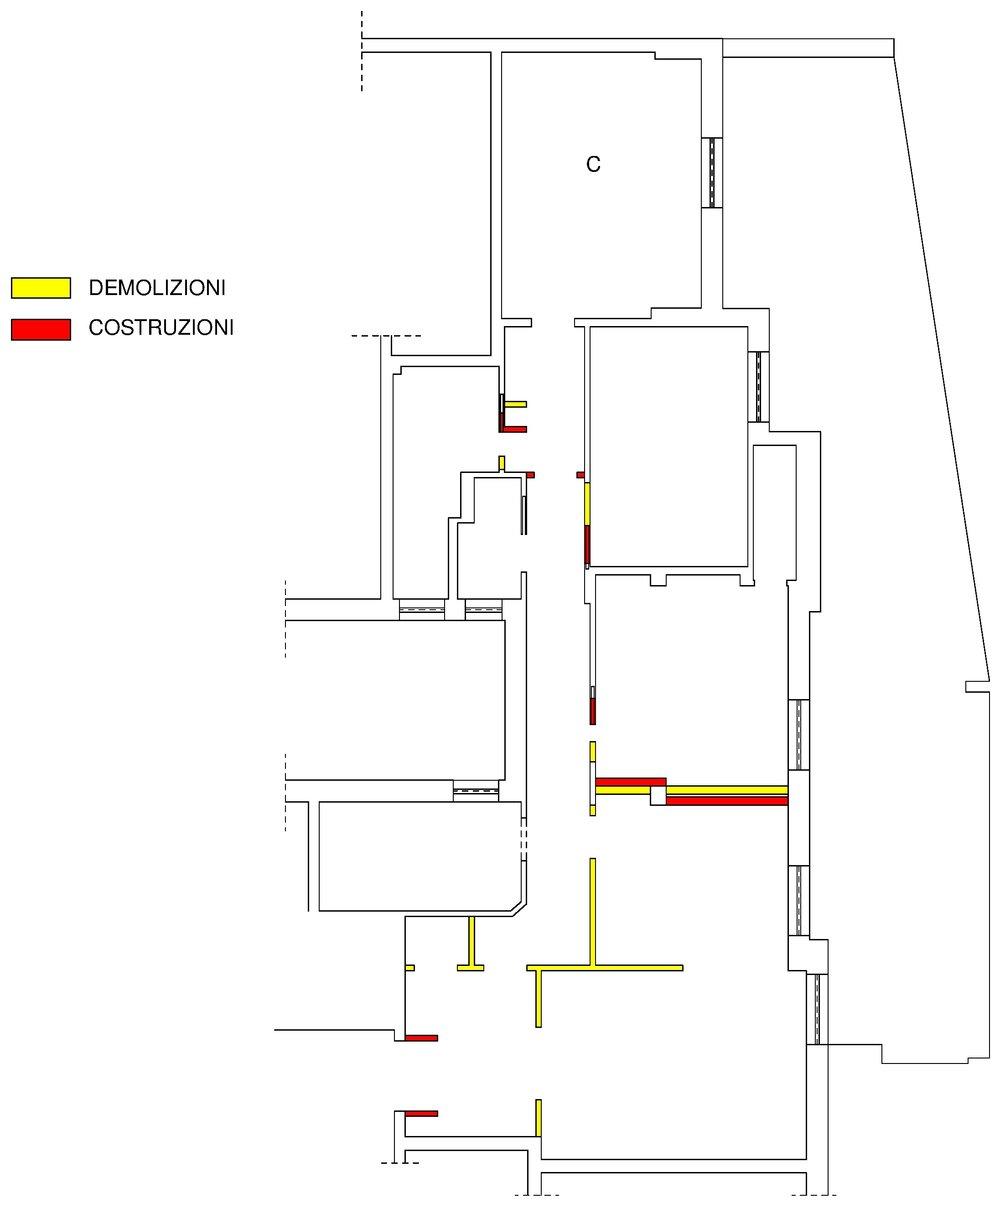 demolizioni costruzioni castelletto.jpg